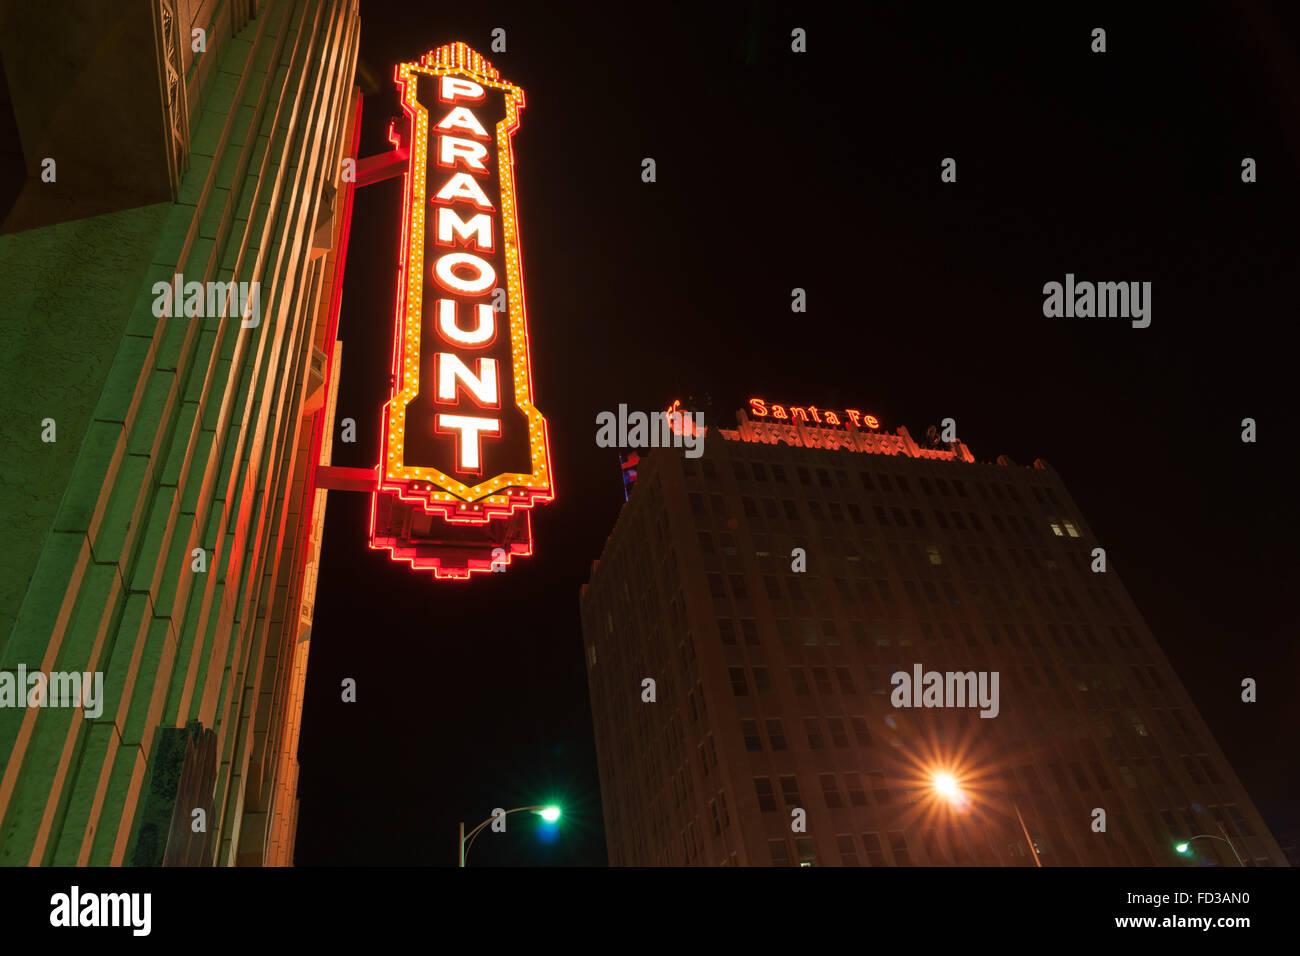 Luci Al Neon Per Ufficio.Urban Insegne Al Neon E Illuminazione Paramount Storico Teatro